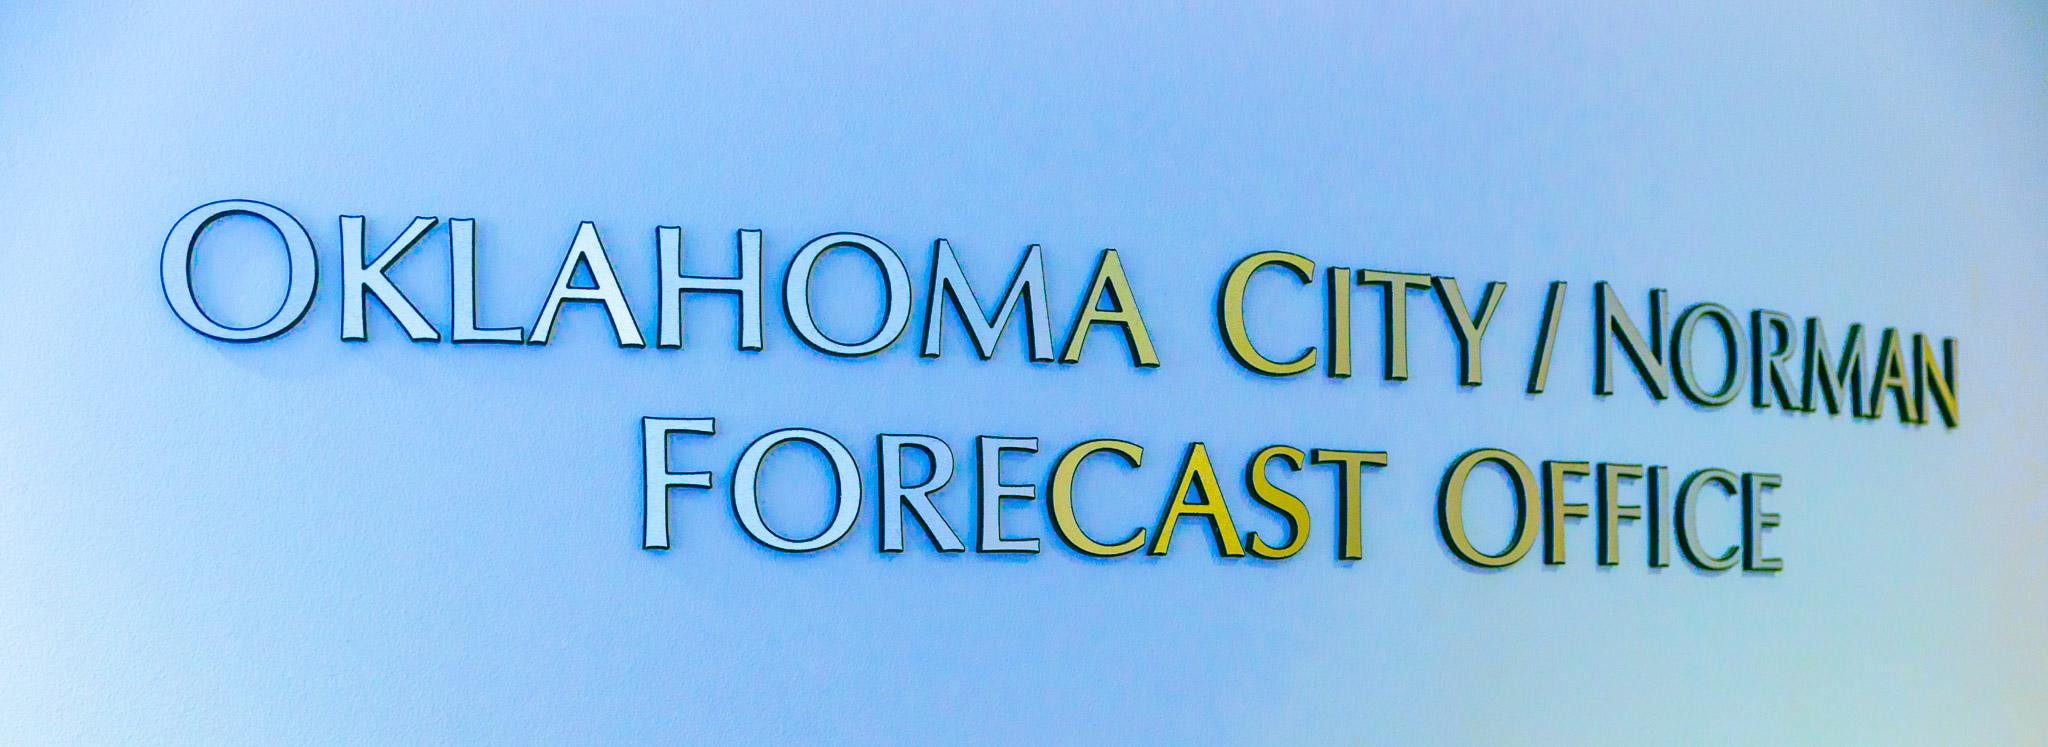 Oklahoma Forecast Office - © TsWISsTER